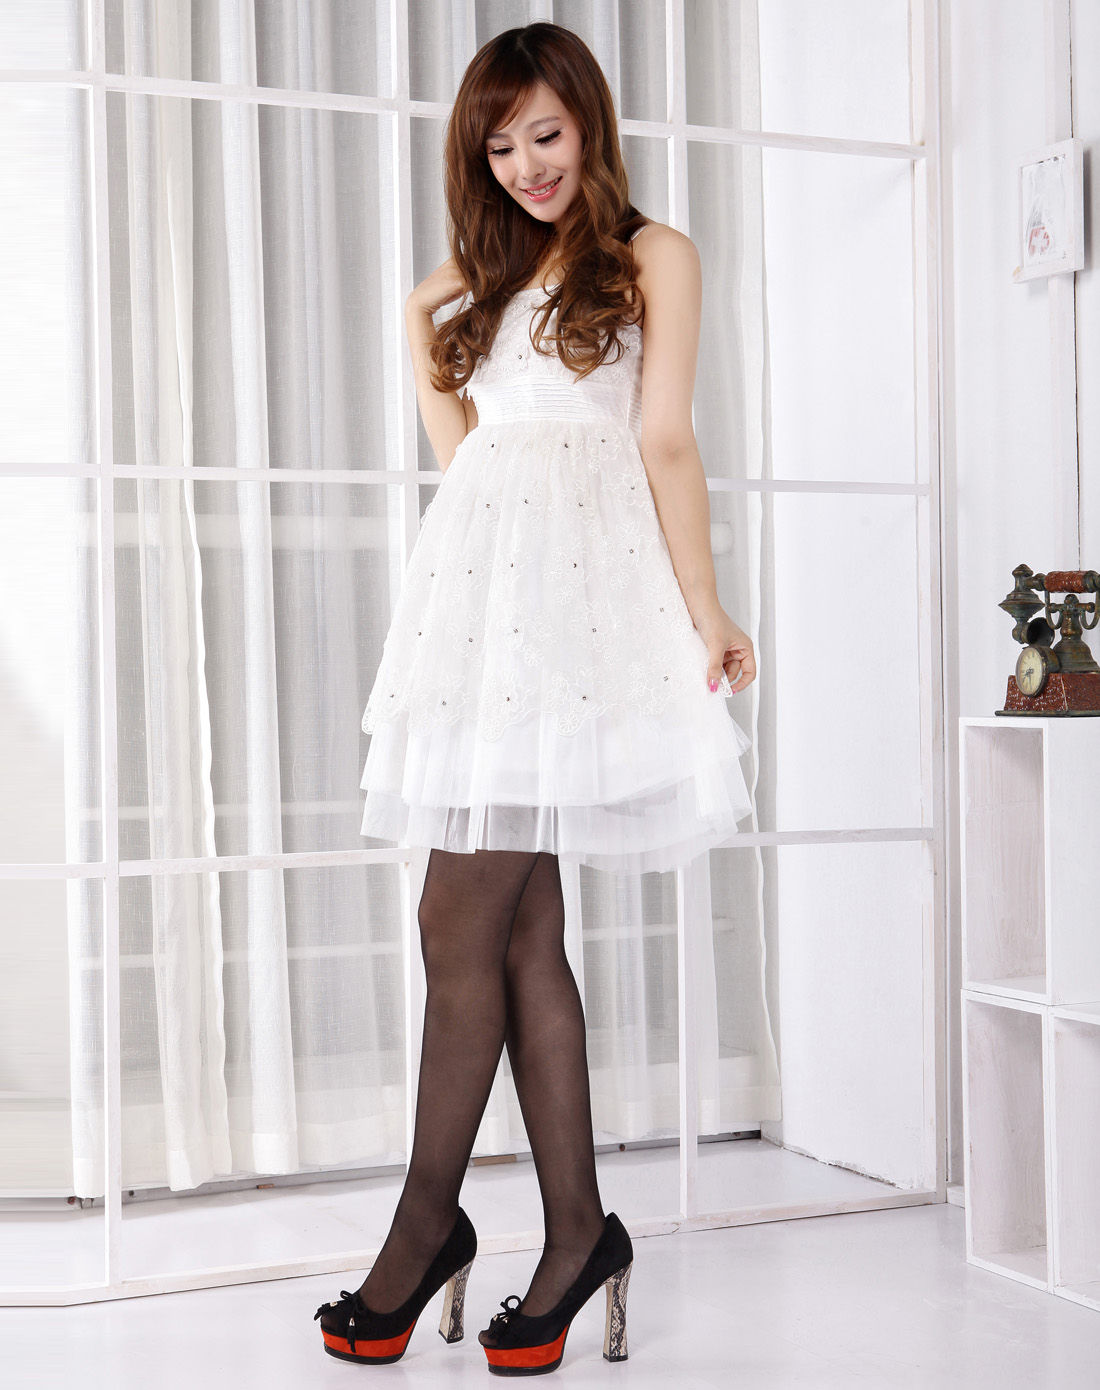 小礼服吊带连衣裙白色